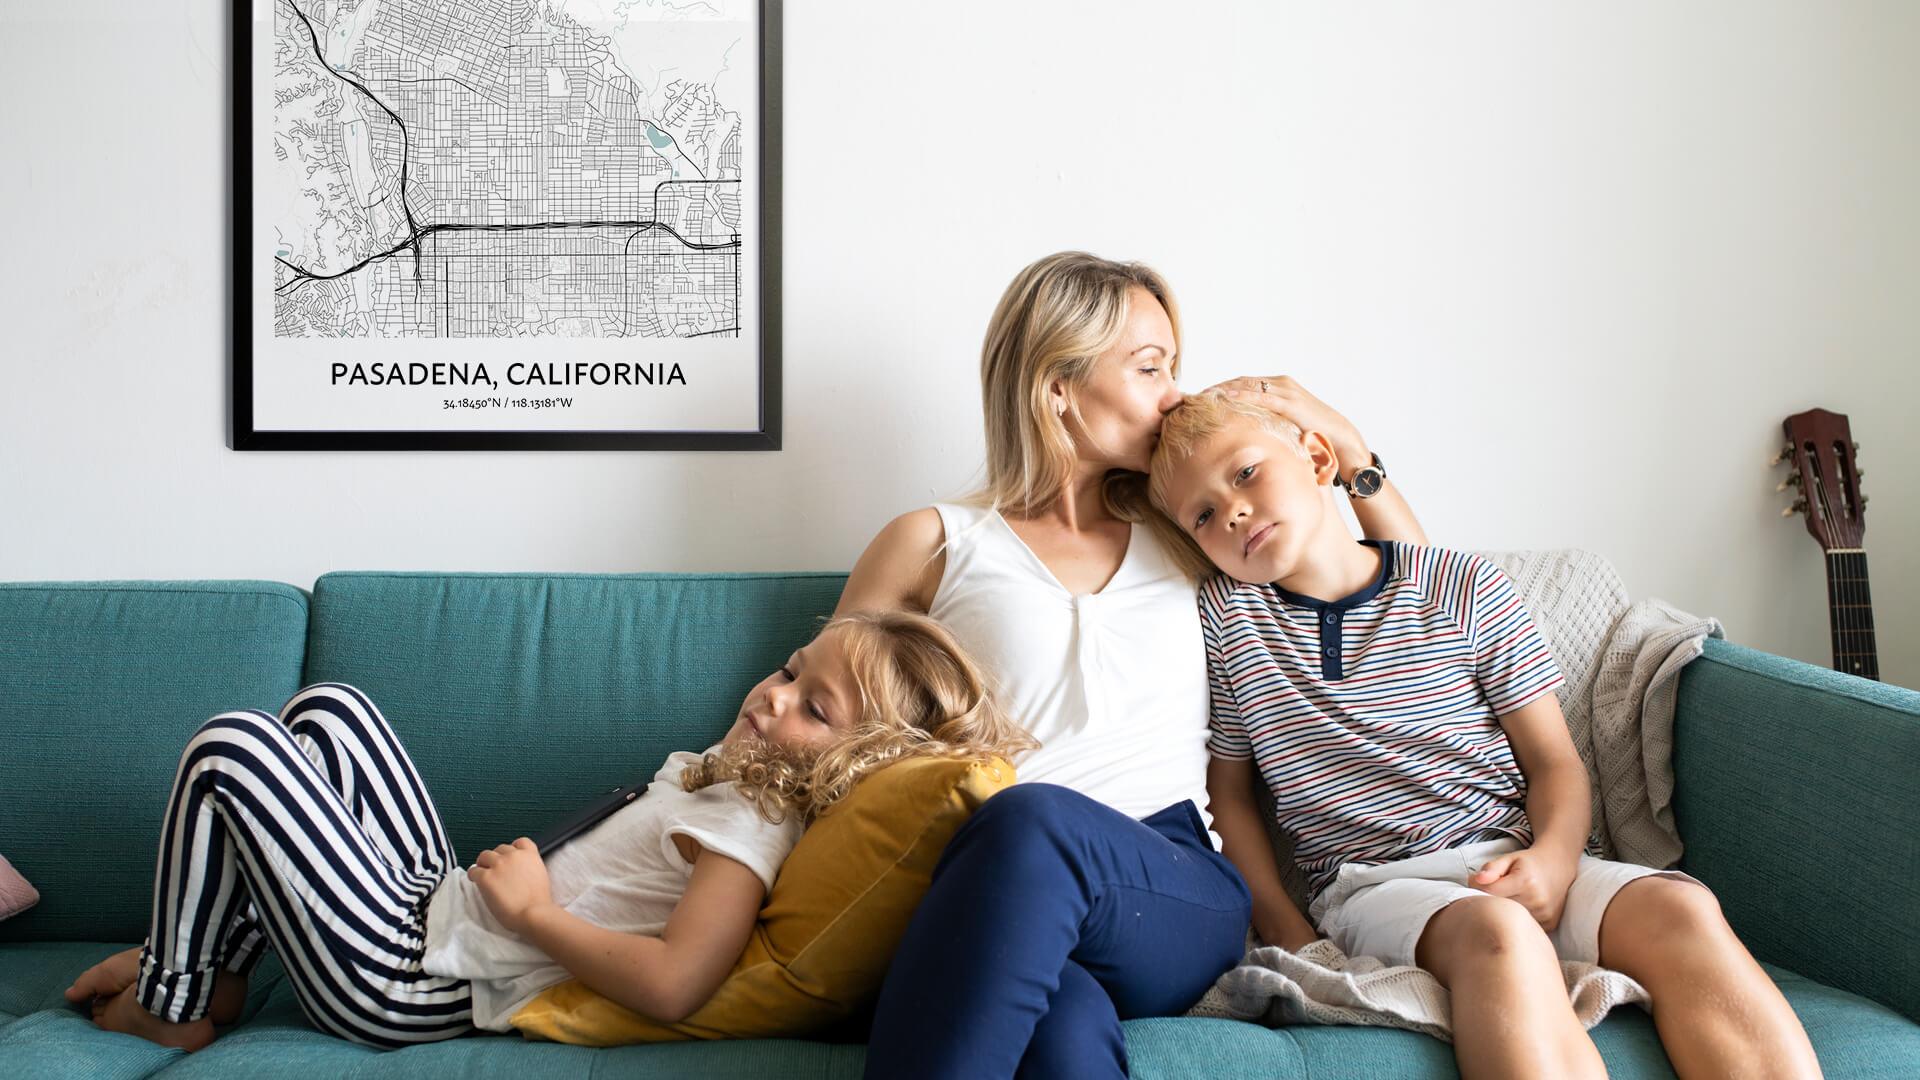 Pasadena map poster